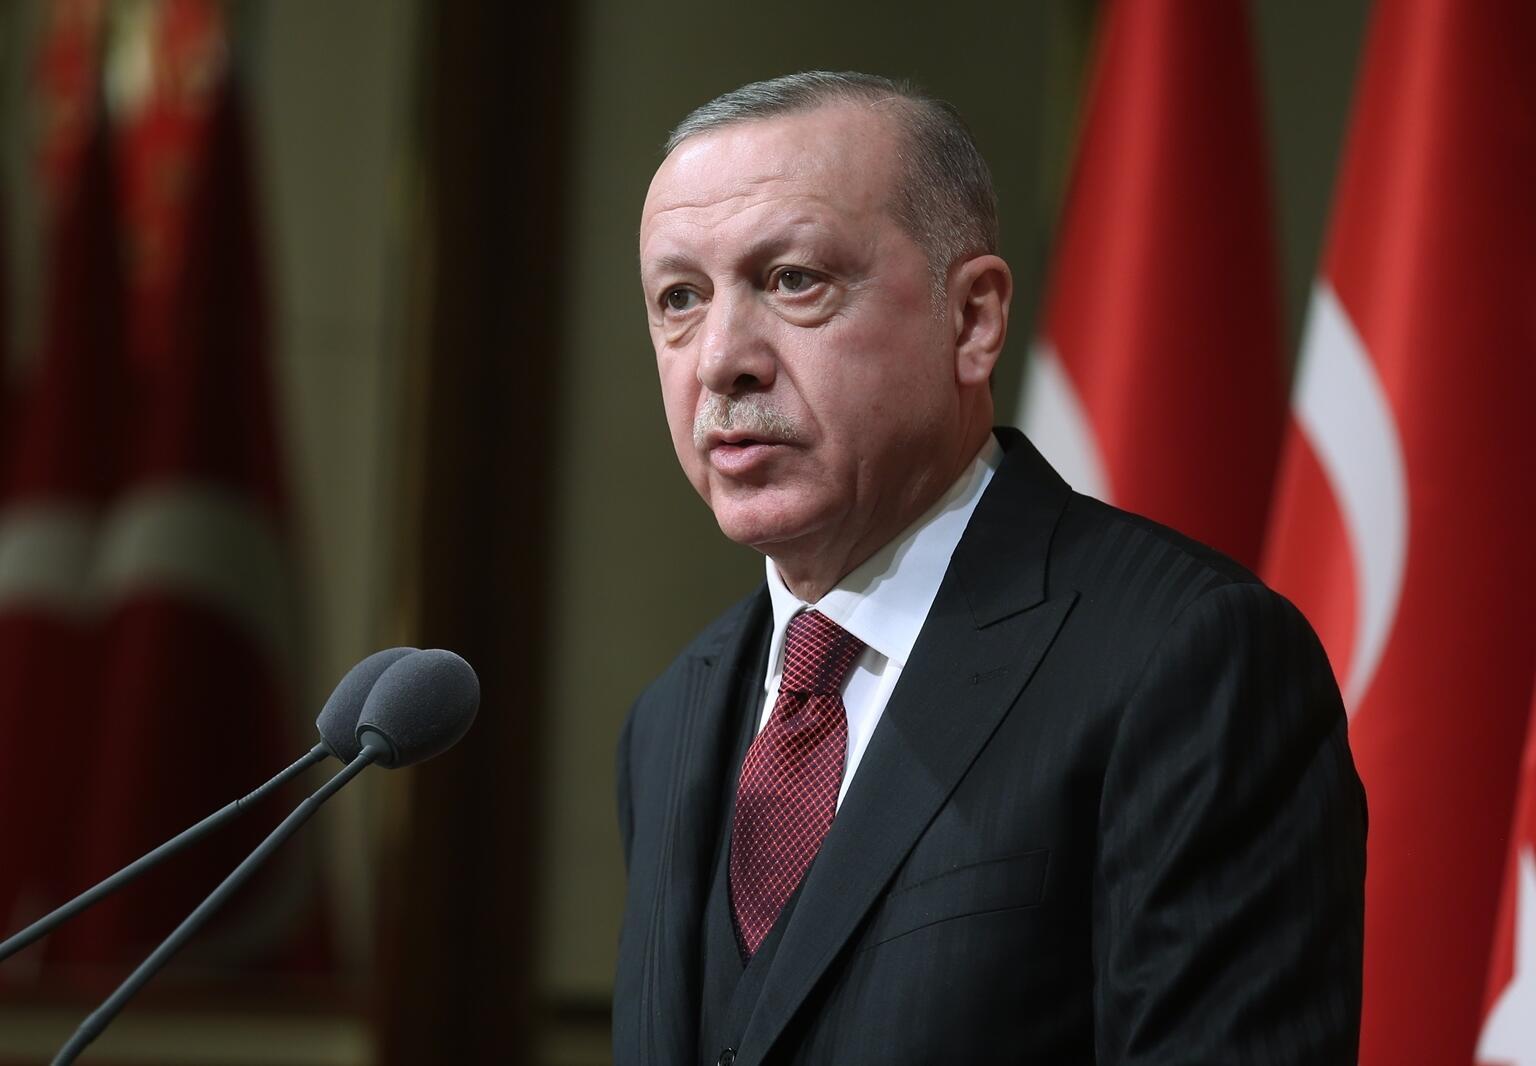 Cumhurbaşkanı Erdoğan'dan Burhan Kuzu mesajı